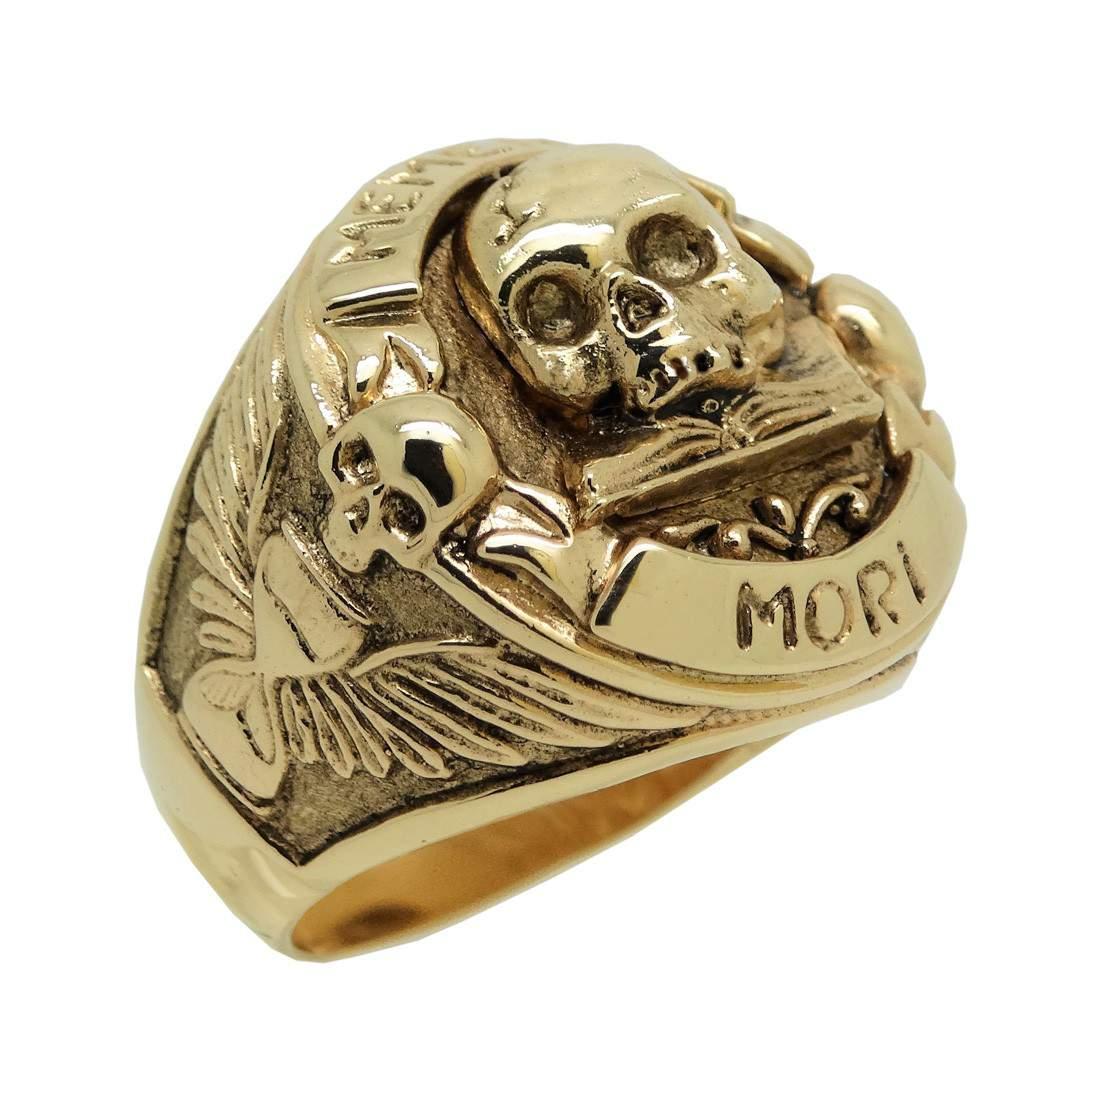 Yorick Memento Mori Skull Ring 14k Gold Plated